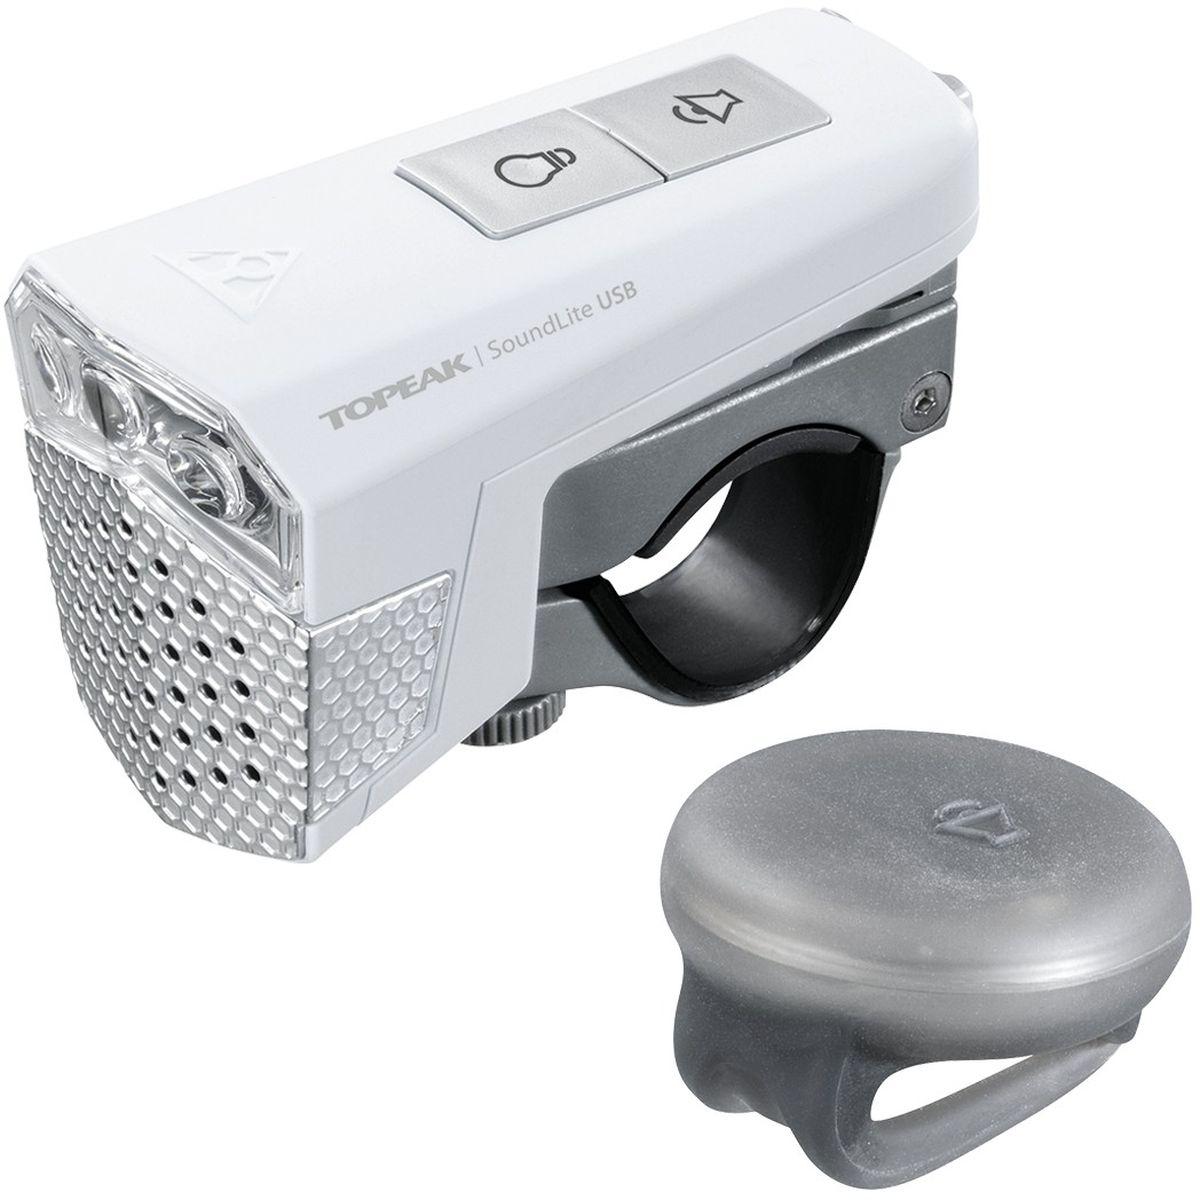 Фонарь передний TOPEAK SoundLite, с беспроводным звуковым управлением, с зарядкой, цвет: белыйTMS077WПередняя фара с встроенным звуковым сигналом. В комплекте беспроводная кнопка для управления гудком. Мощная передняя фара состоит из 3 супер-ярких LED светодиодов мощностью 0.2W каждый. Электронный гудок развивает громкость 75-97 dB, чего достаточно для безопасного передвижения даже в условиях шумного города. Встроенный аккумулятор заряжается от обычной USB зарядки (или компьютера). Лампа: 3х ярких LED 0.2W. Батарея: встроенный аккумулятор 3.7V 600 mAh Lithium Ion.